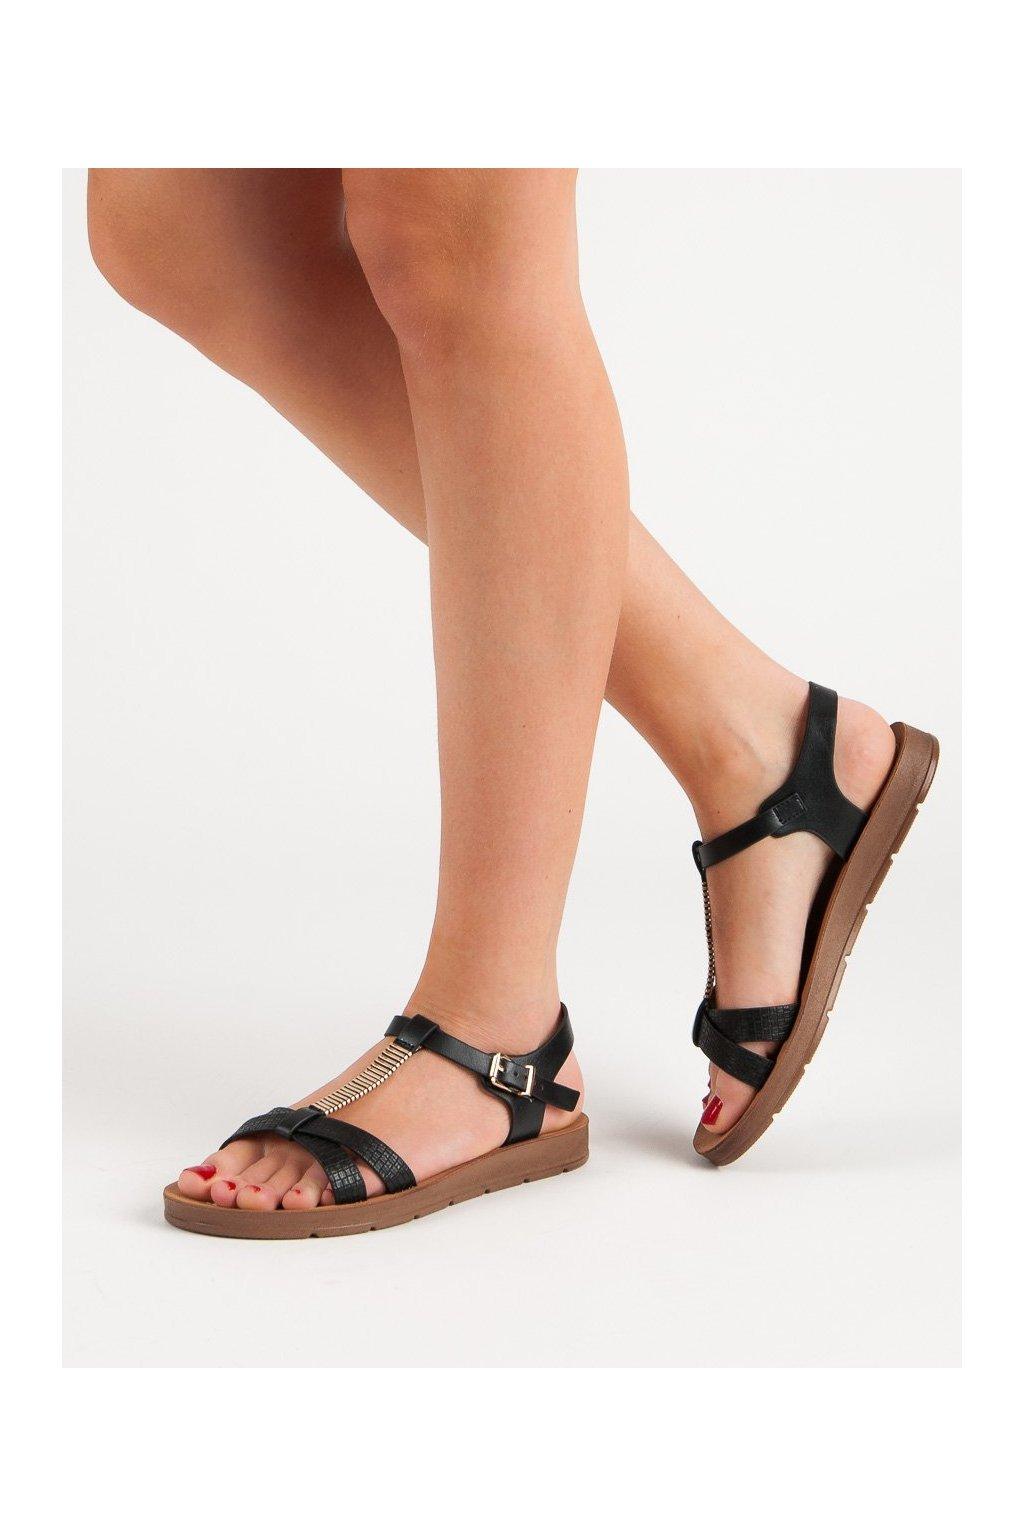 Čierne sandále s plochou podrážkou Filippo kod DS802/19B